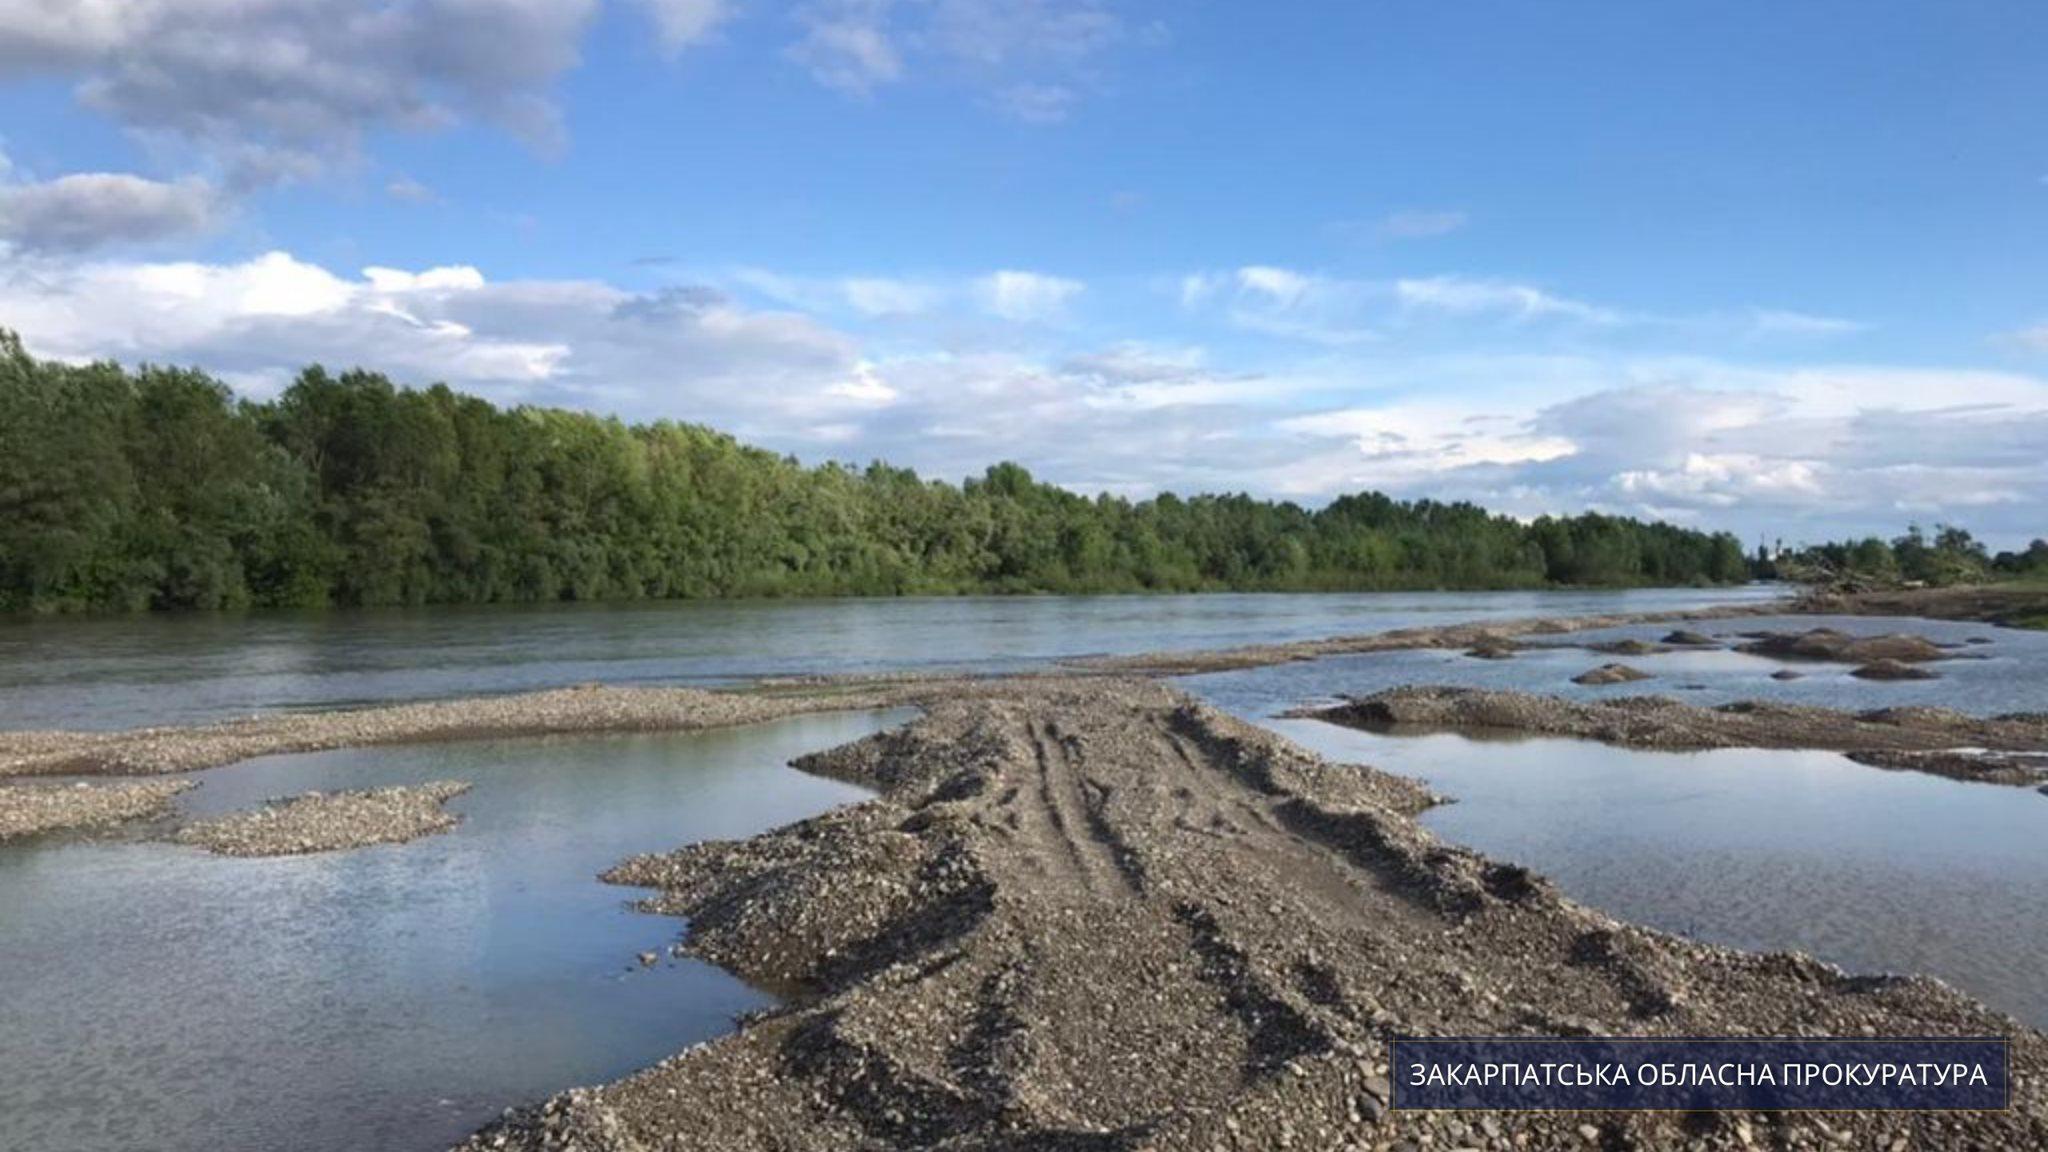 Керівника одного з управлінь водгоспу на Закарпатті та п'ятьох підприємців підозрюють у незаконному видобутку гравію на понад 76 млн. грн.